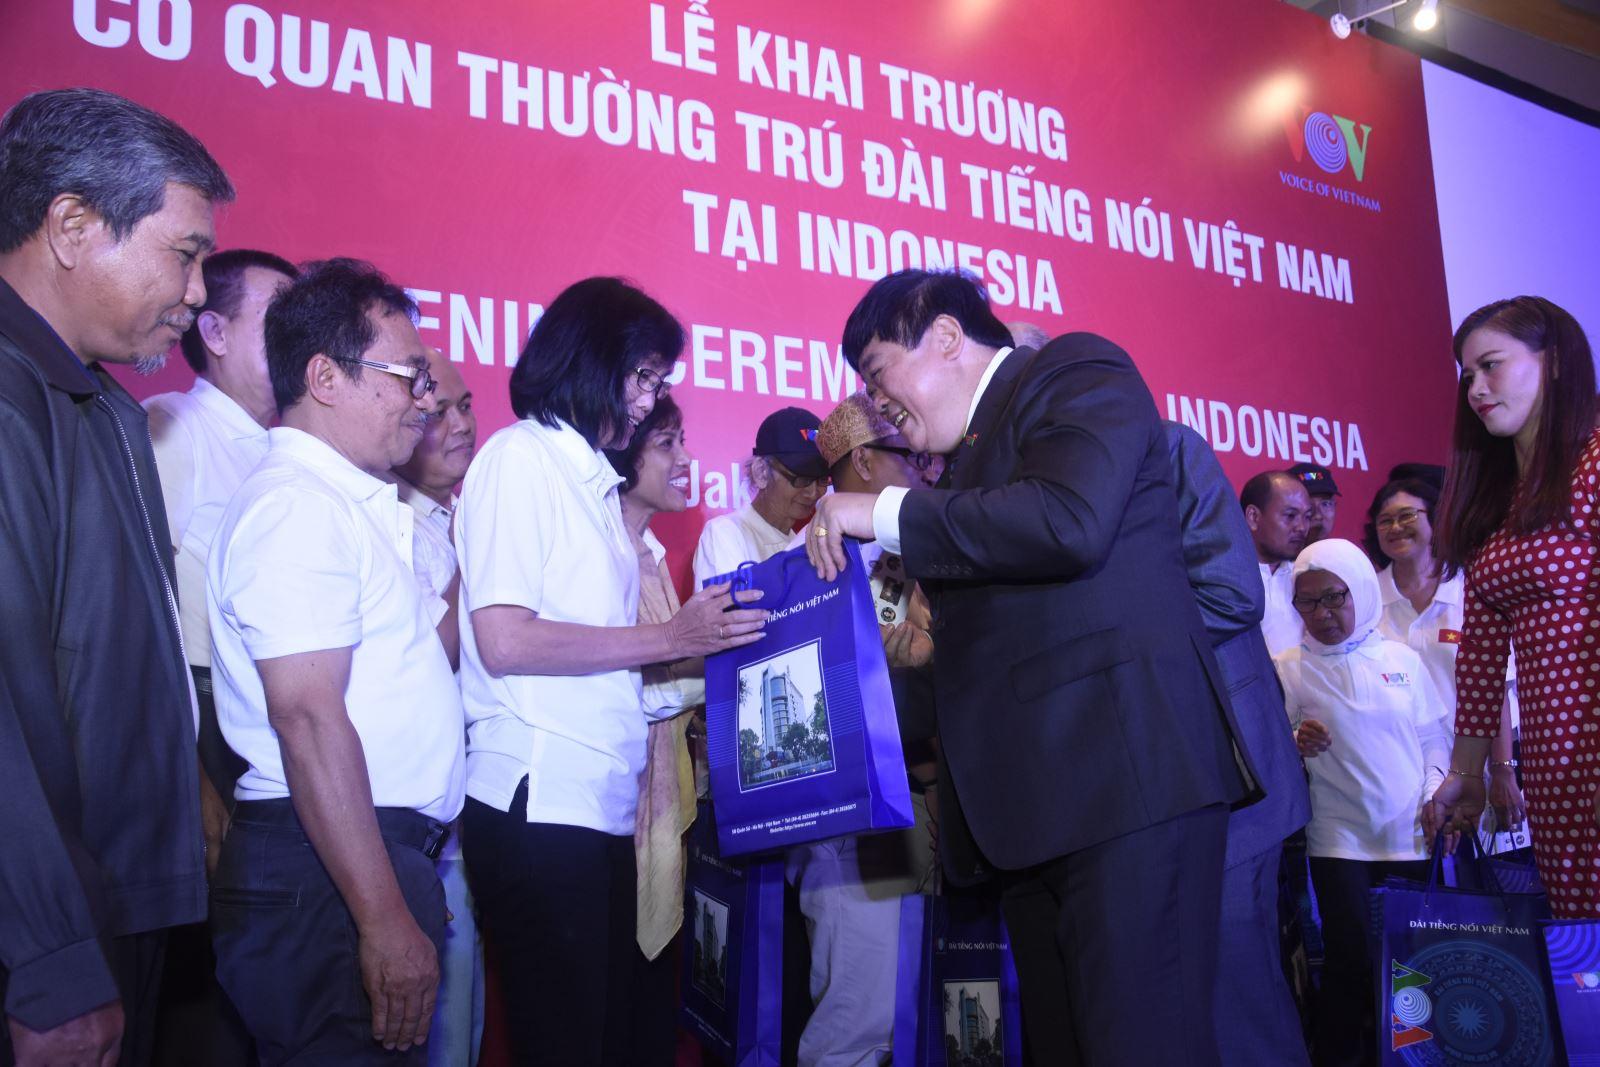 Tổng giám đốc Nguyễn Thế Ký trao tặng chứng nhận nghe đài và quà cho các thính giả.